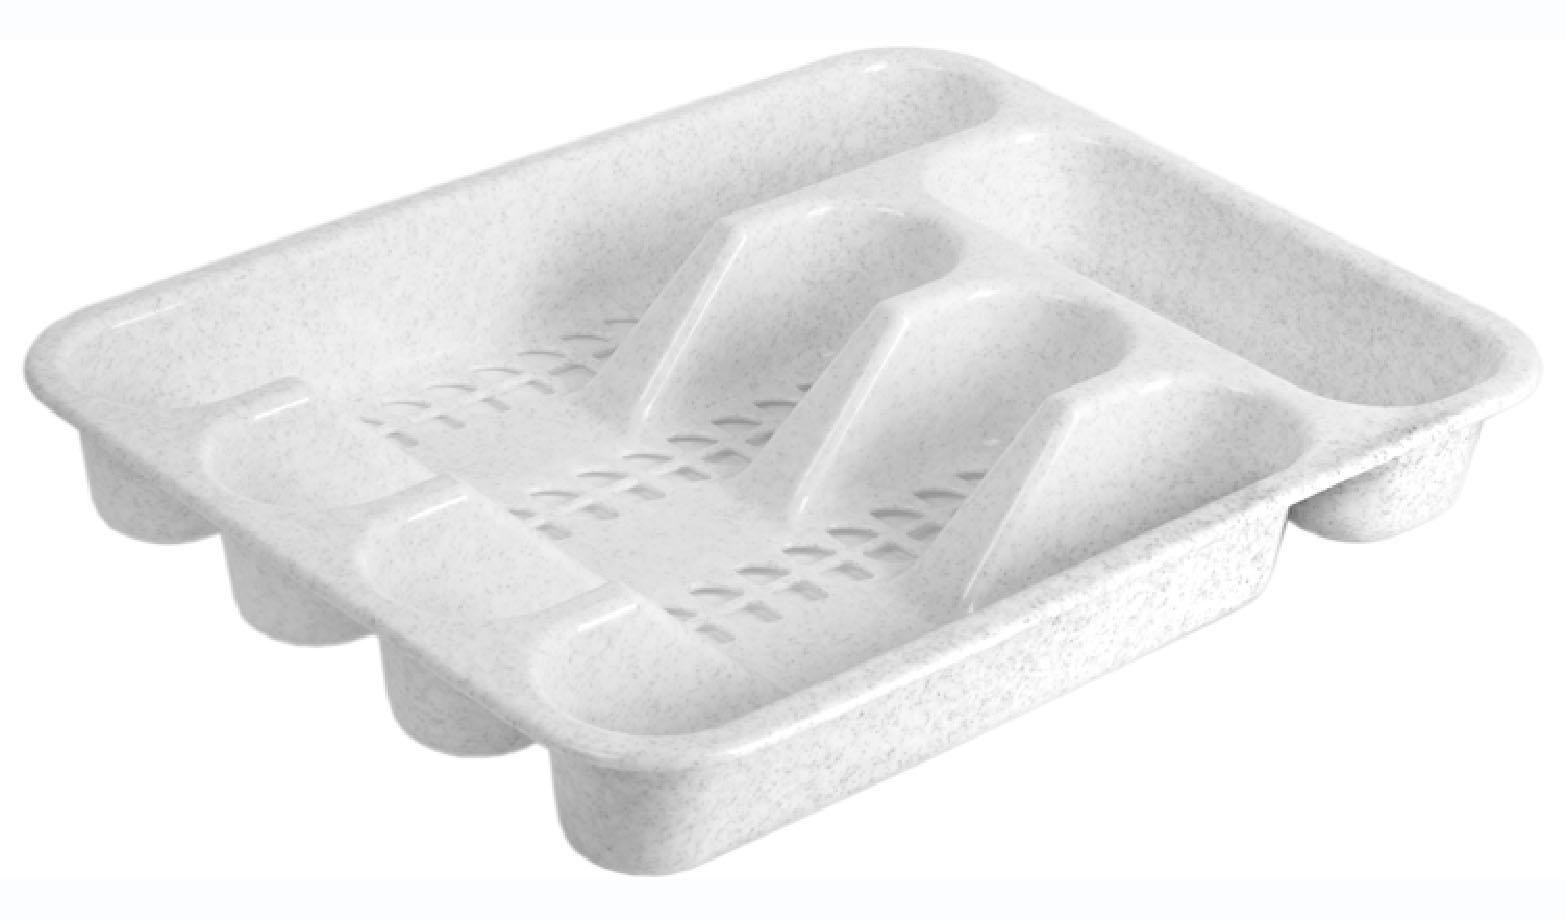 Лоток для столовых приборов Idea, цвет: мраморный, 33 х 26 см. М1142М 1142Лоток для столовых приборов Idea изготовлен из прочного пластика. Изделие имеет 3 одинаковых секции для столовых ложек, вилок и ножей, секцию для чайных ложек и длинную секцию для различных кухонных принадлежностей. Лоток помещается в любой кухонный ящик.